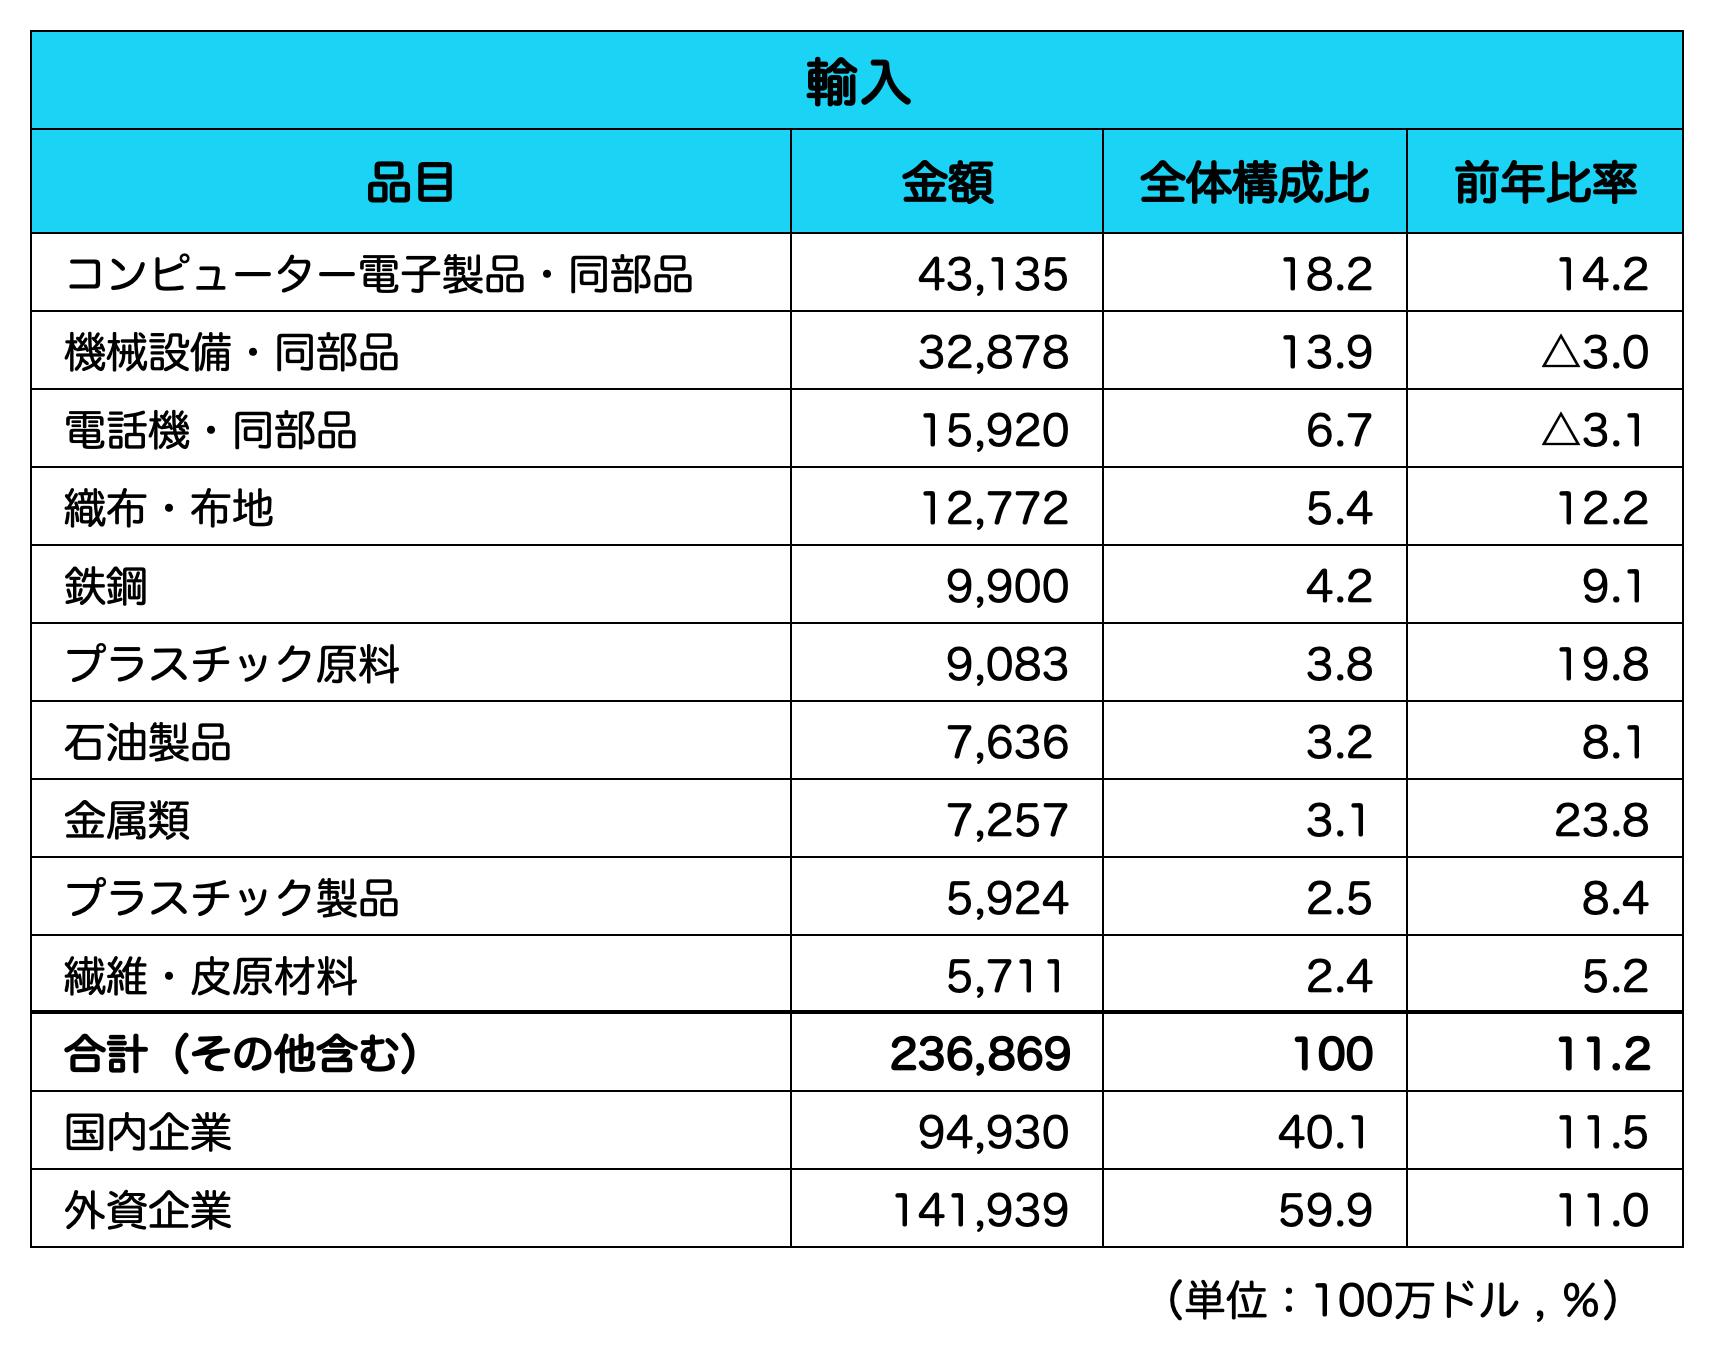 ベトナム_輸入品目